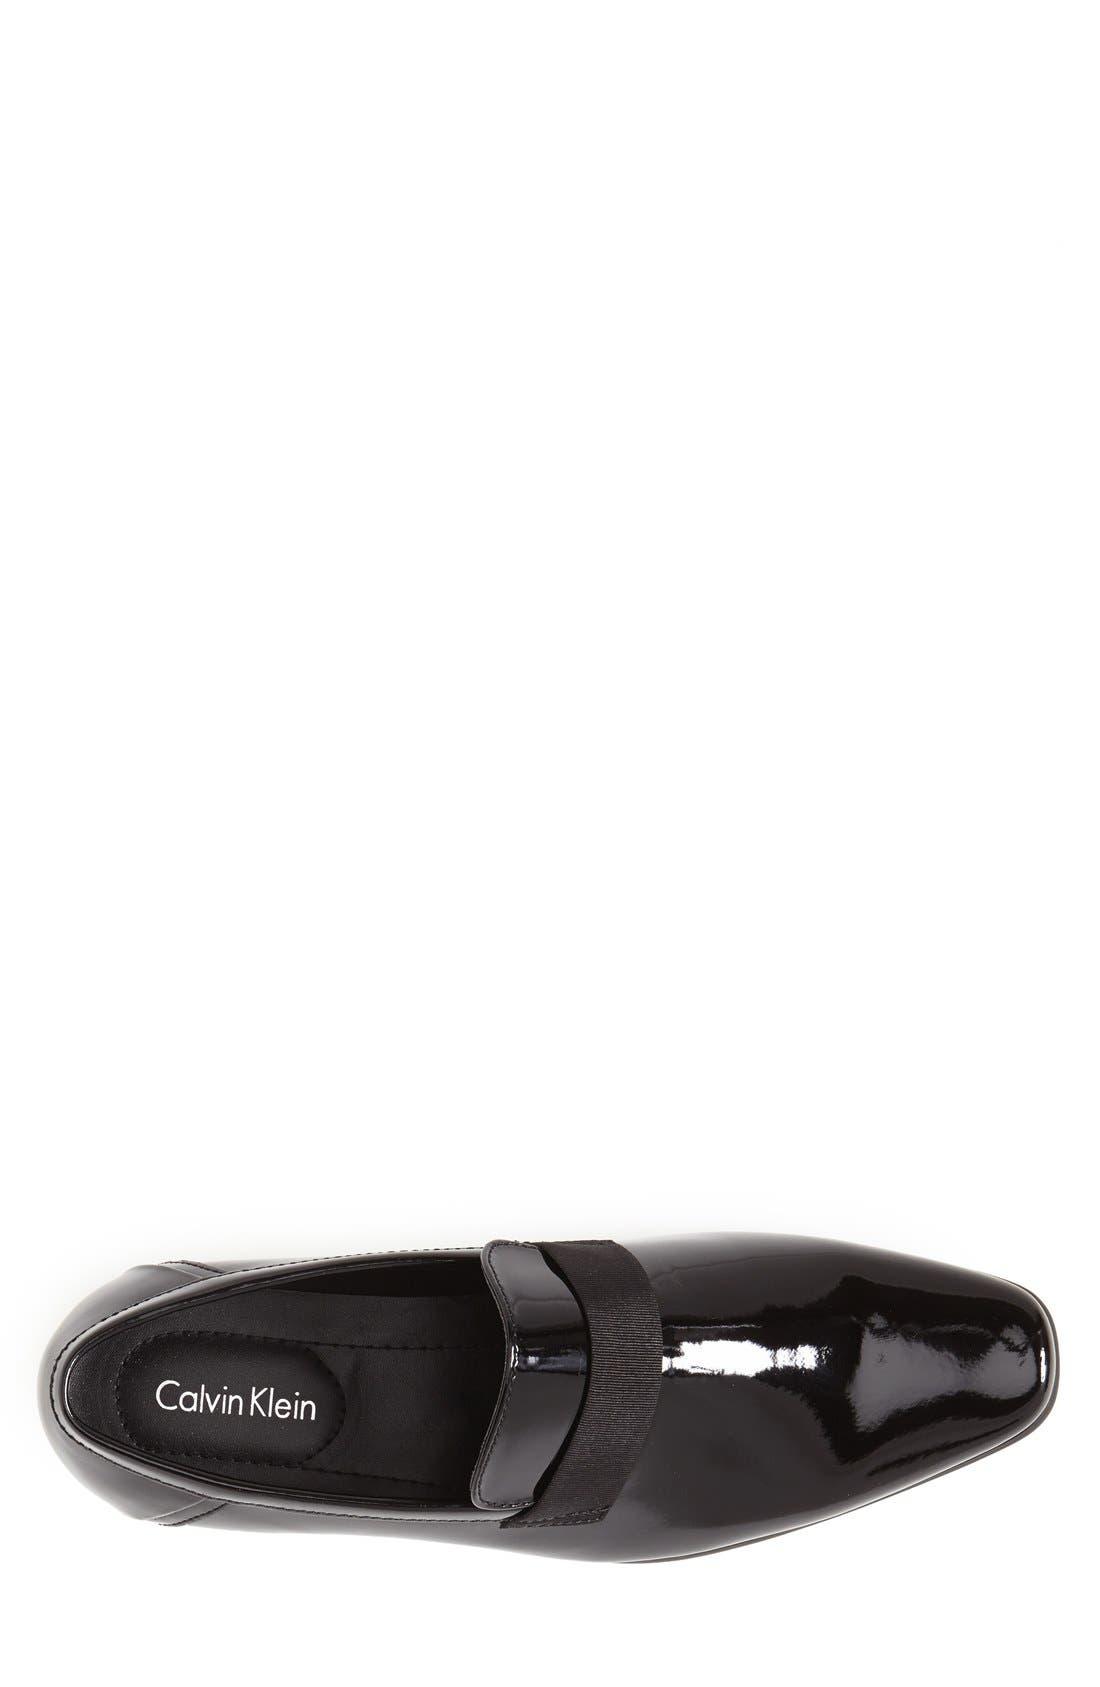 Alternate Image 3  - Calvin Klein 'Bernard' Venetian Loafer (Men)